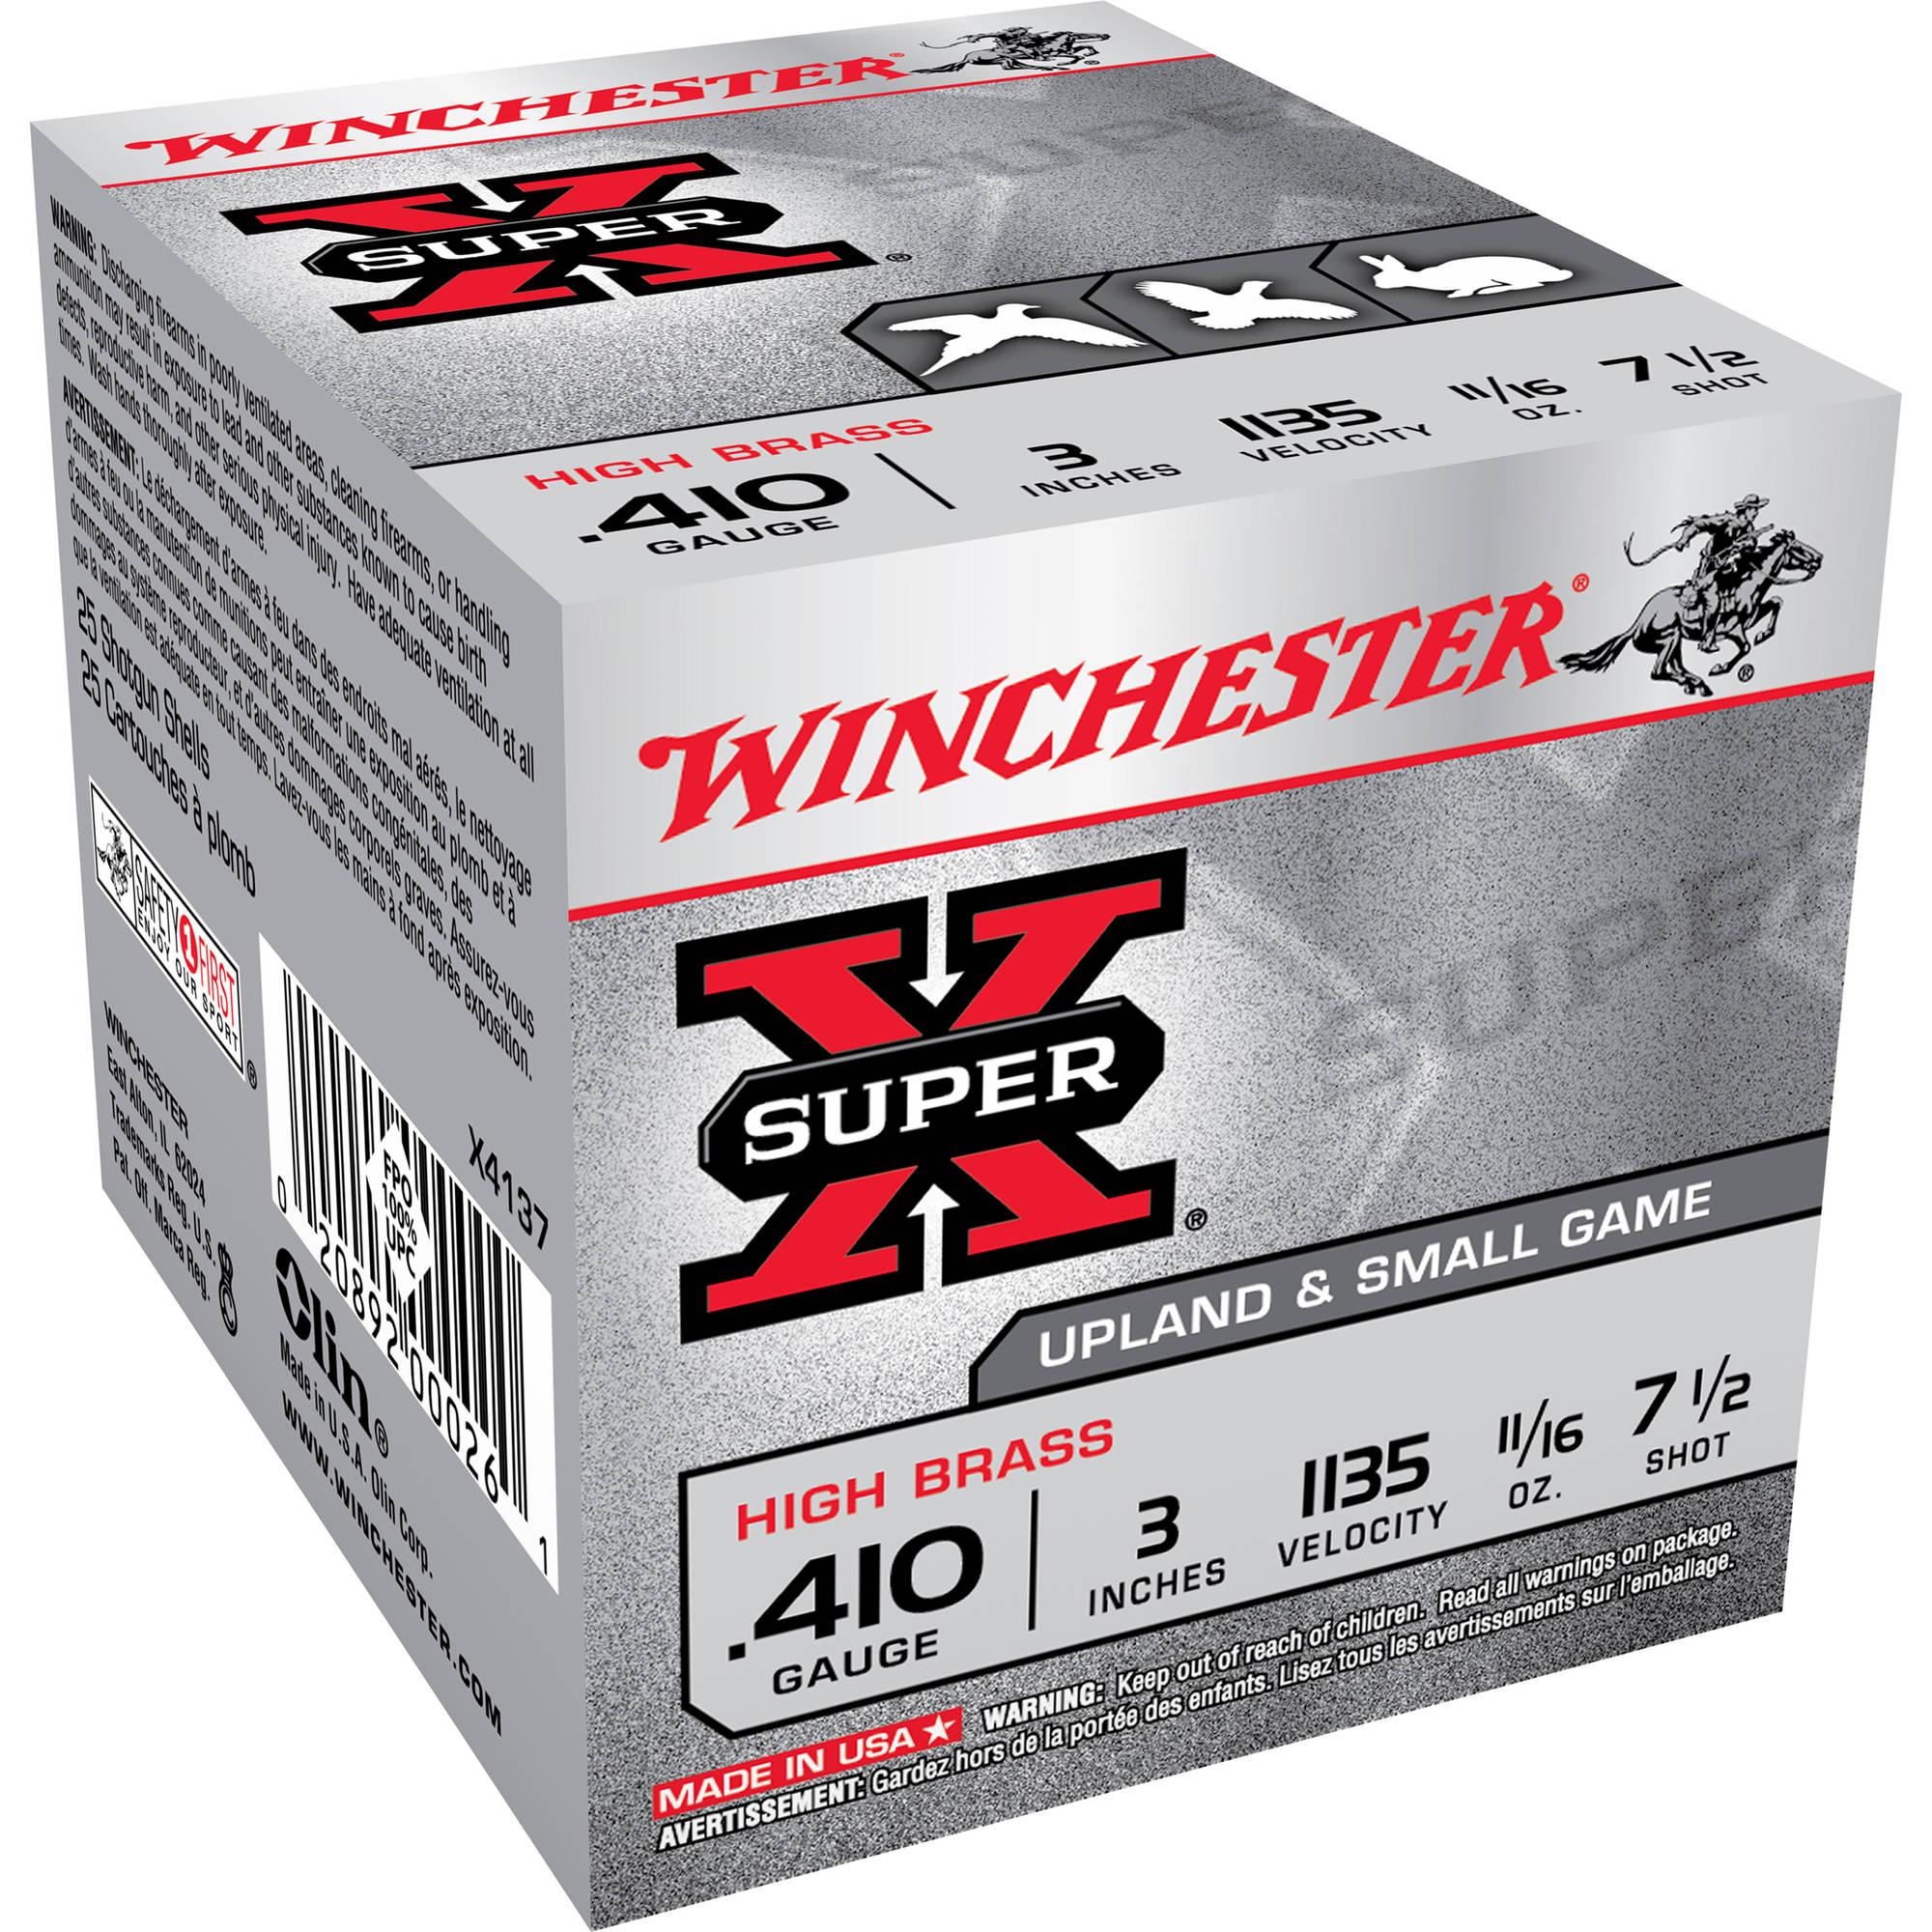 Winchester Super X 410 Caliber Ammo